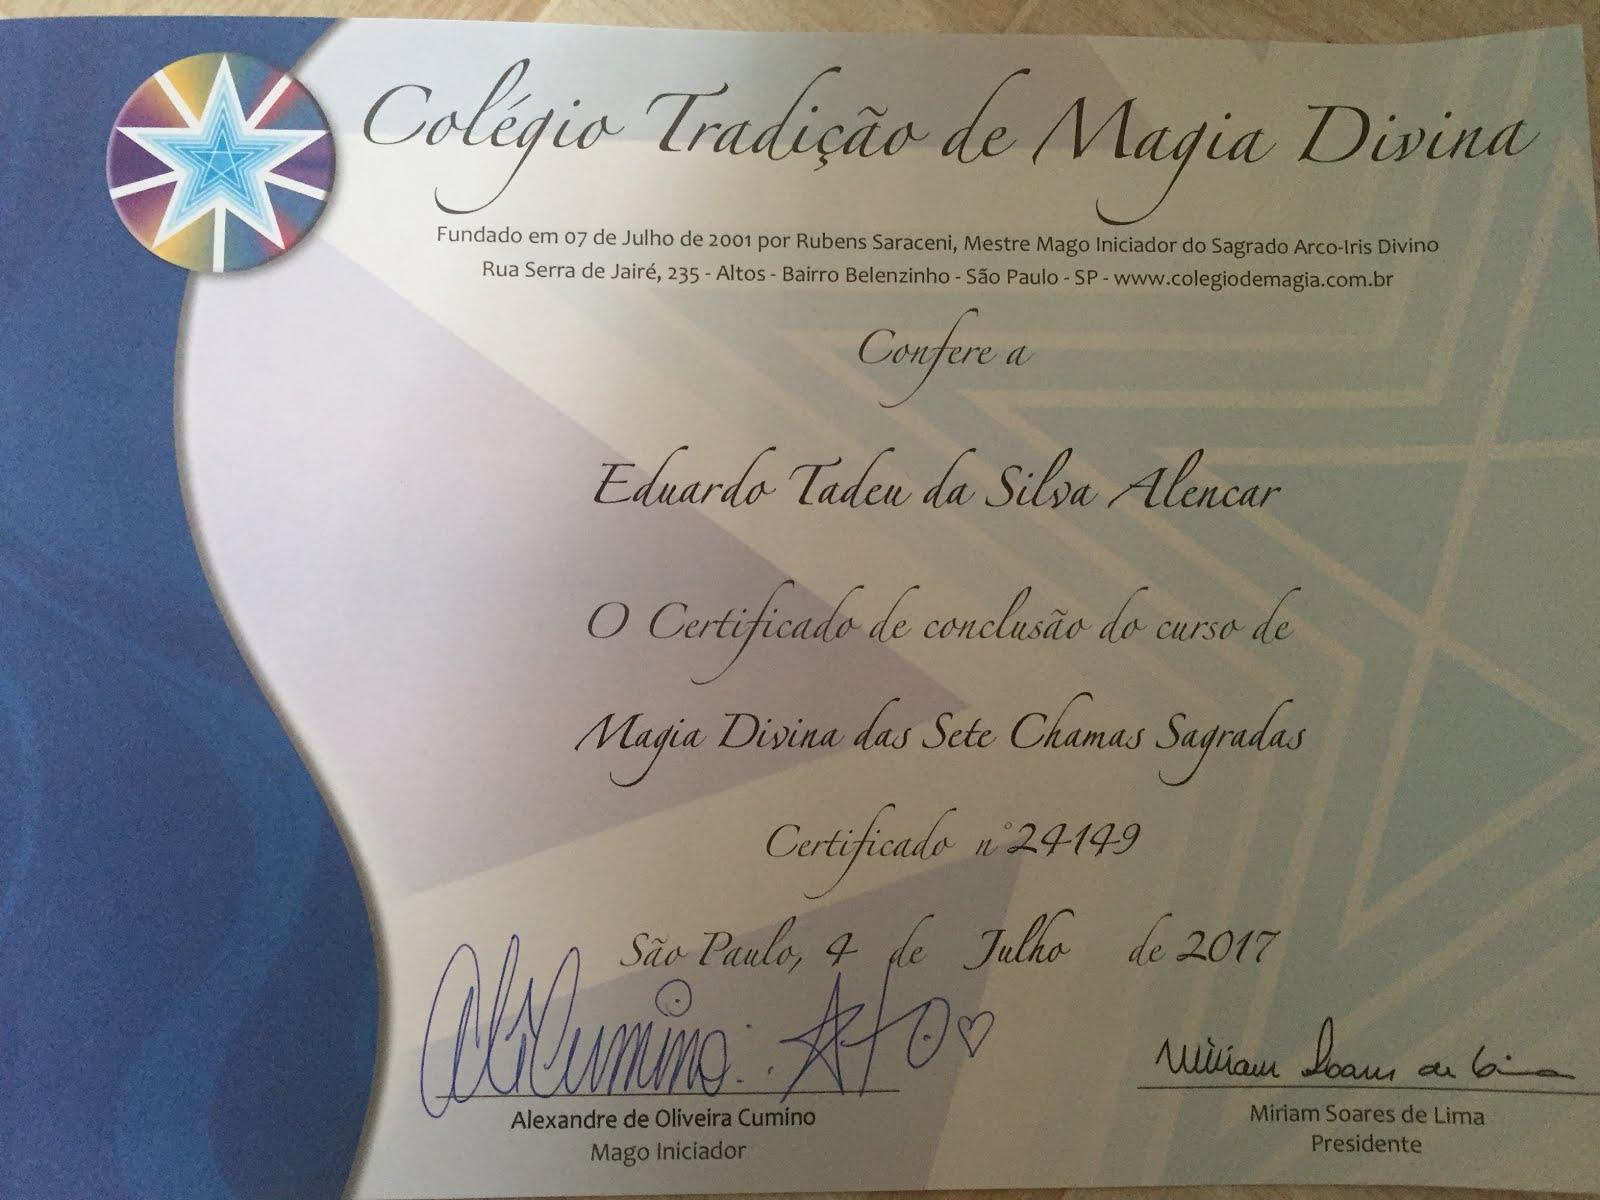 Certificado: Magia Divina das Sete Chamas Sagradas